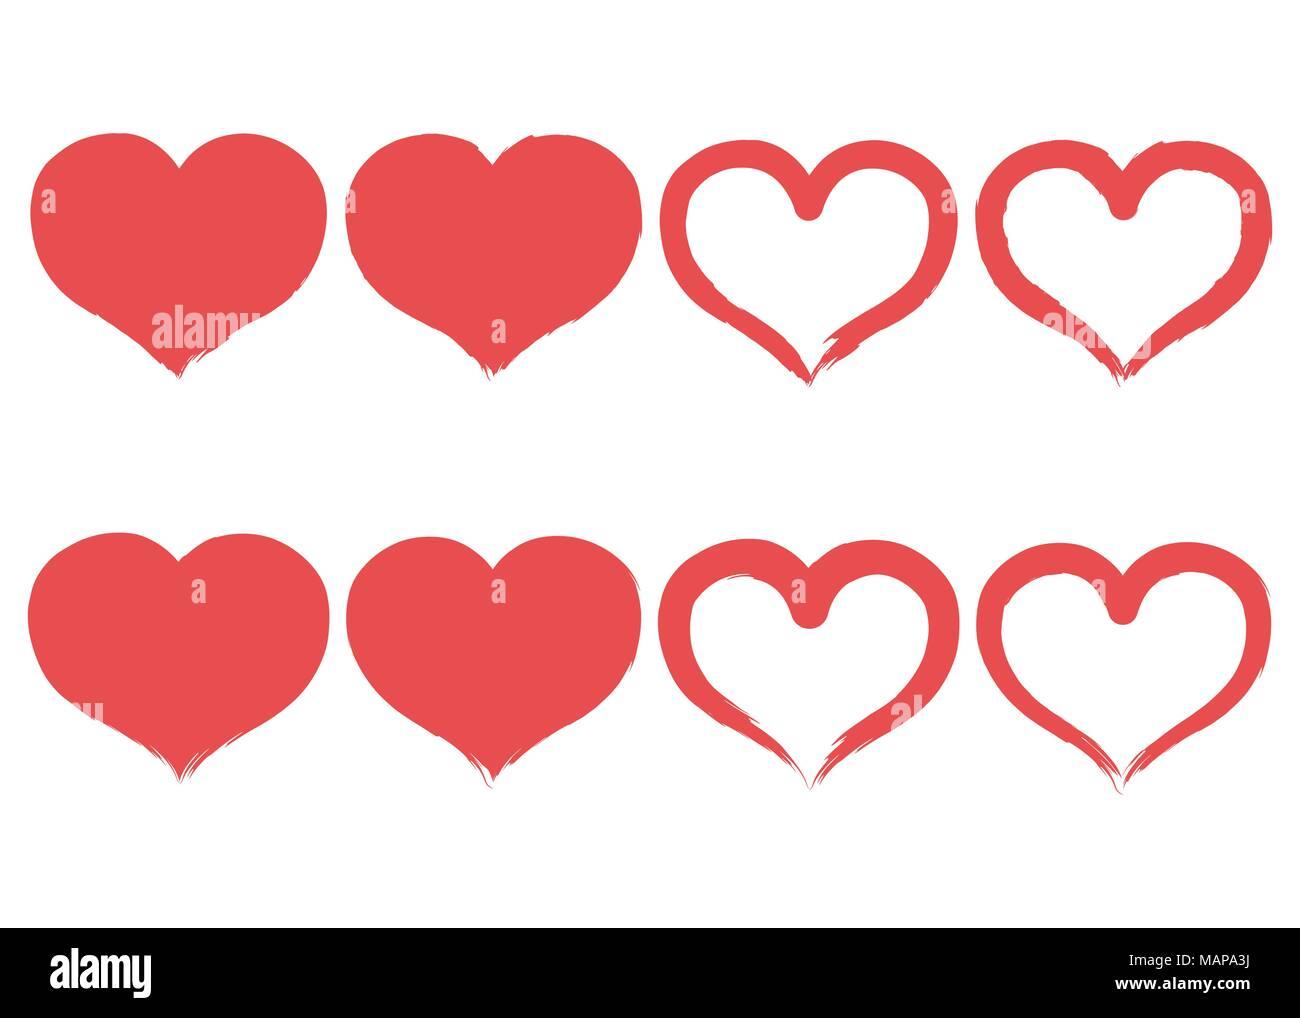 Atractivo La Imagen Del Corazón Etiqueta Friso - Imágenes de ...